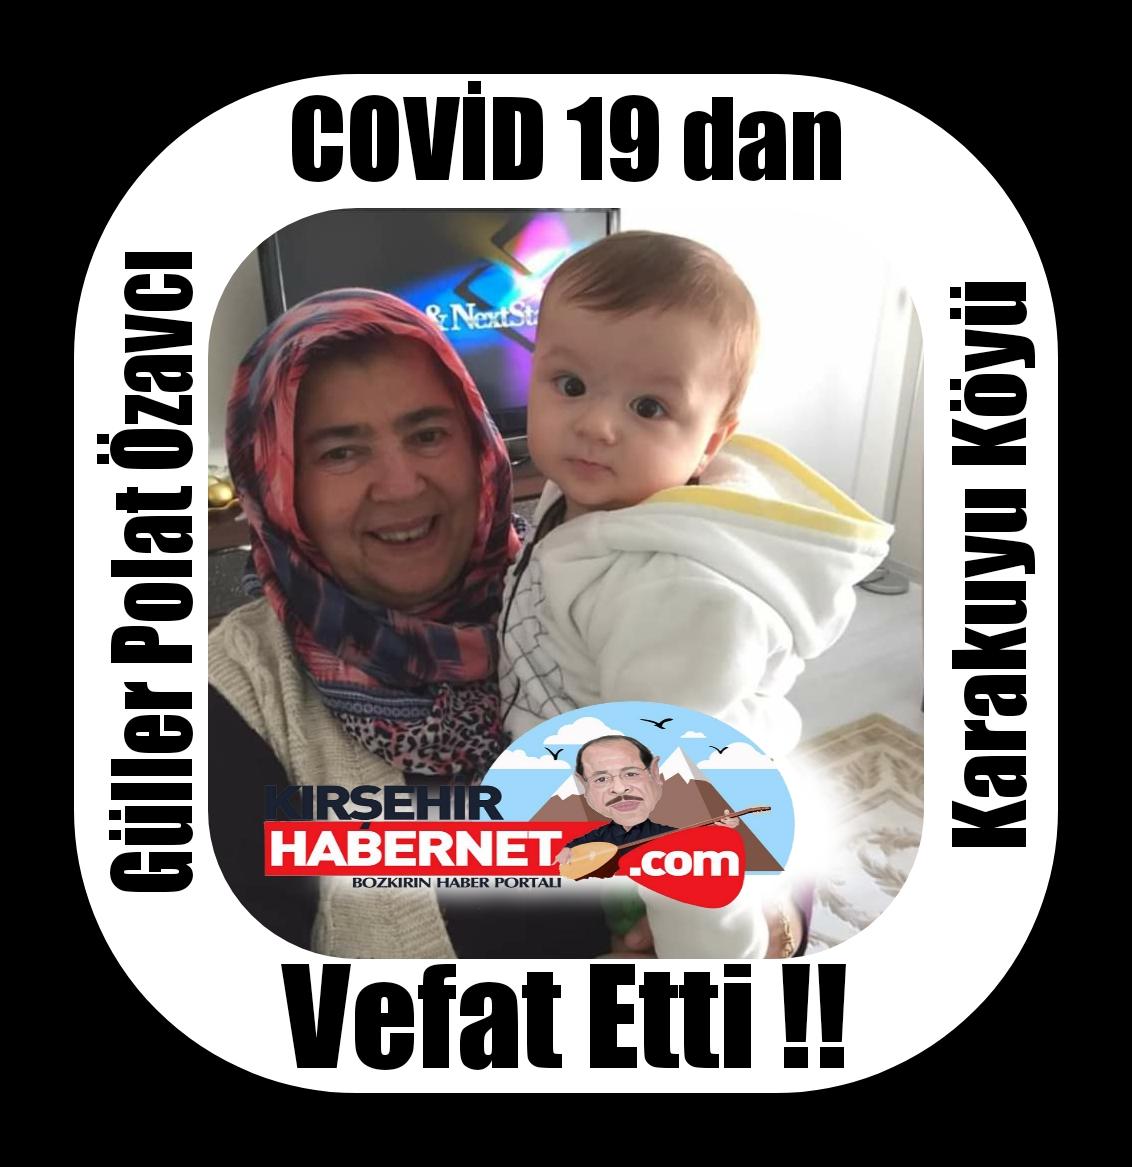 COVİD 19 dan KARDEŞİ ile ARD ARDA VEFAT ETTİ !!